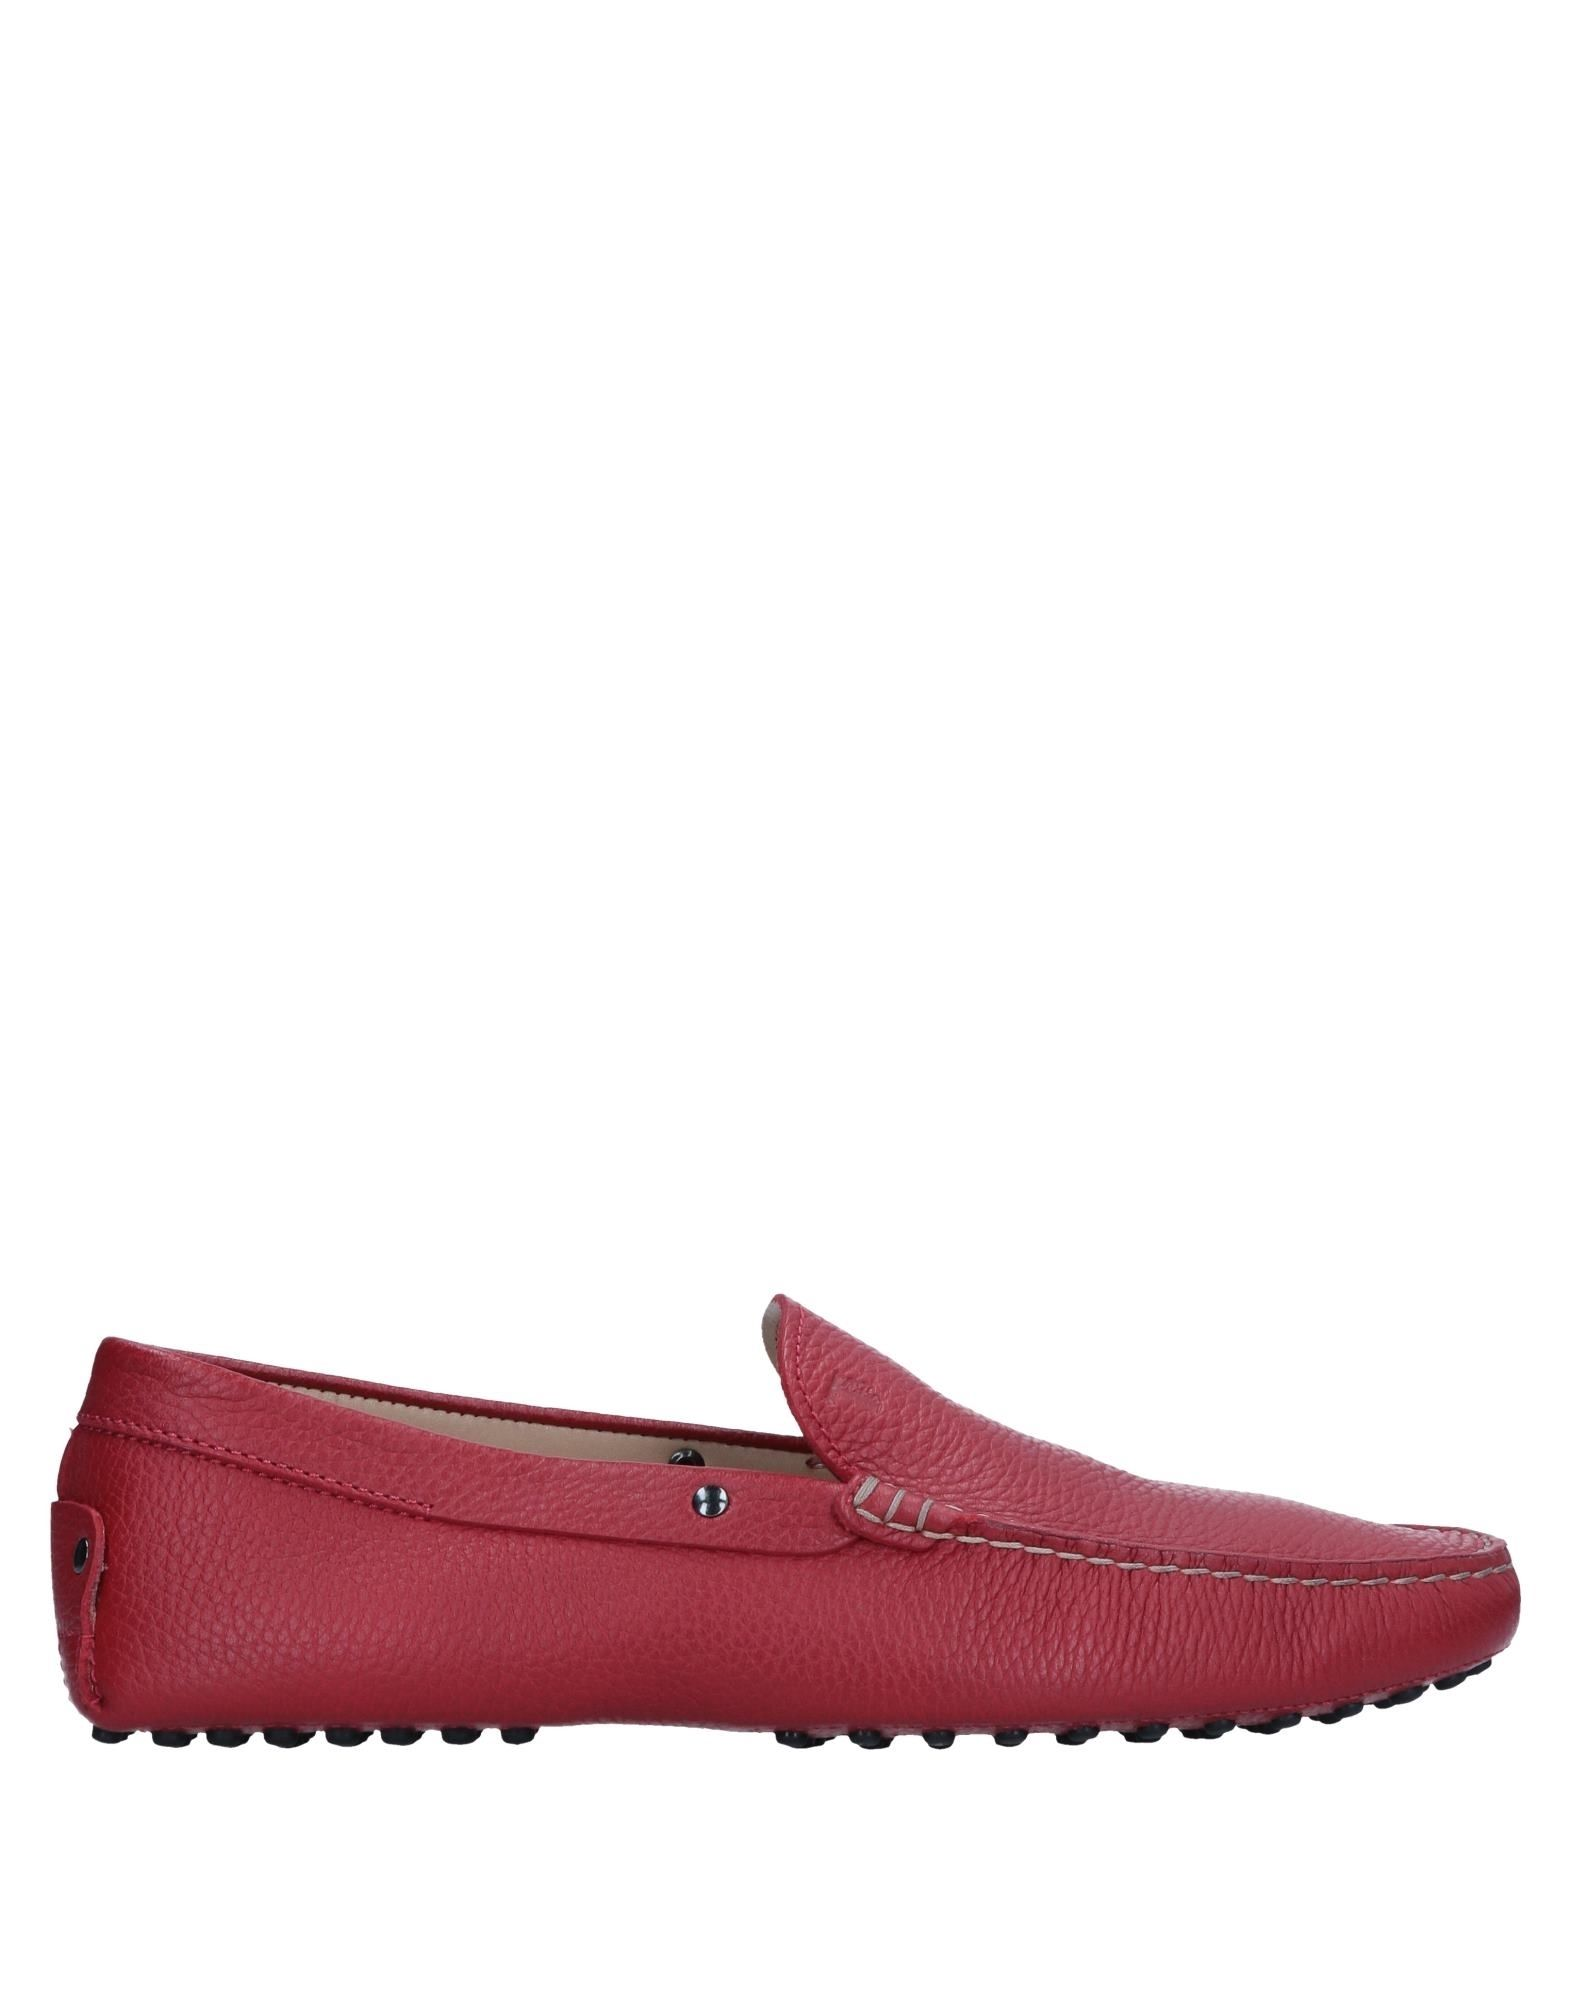 Tod's Mokassins Herren  11543155VA 11543155VA  Gute Qualität beliebte Schuhe d9969a